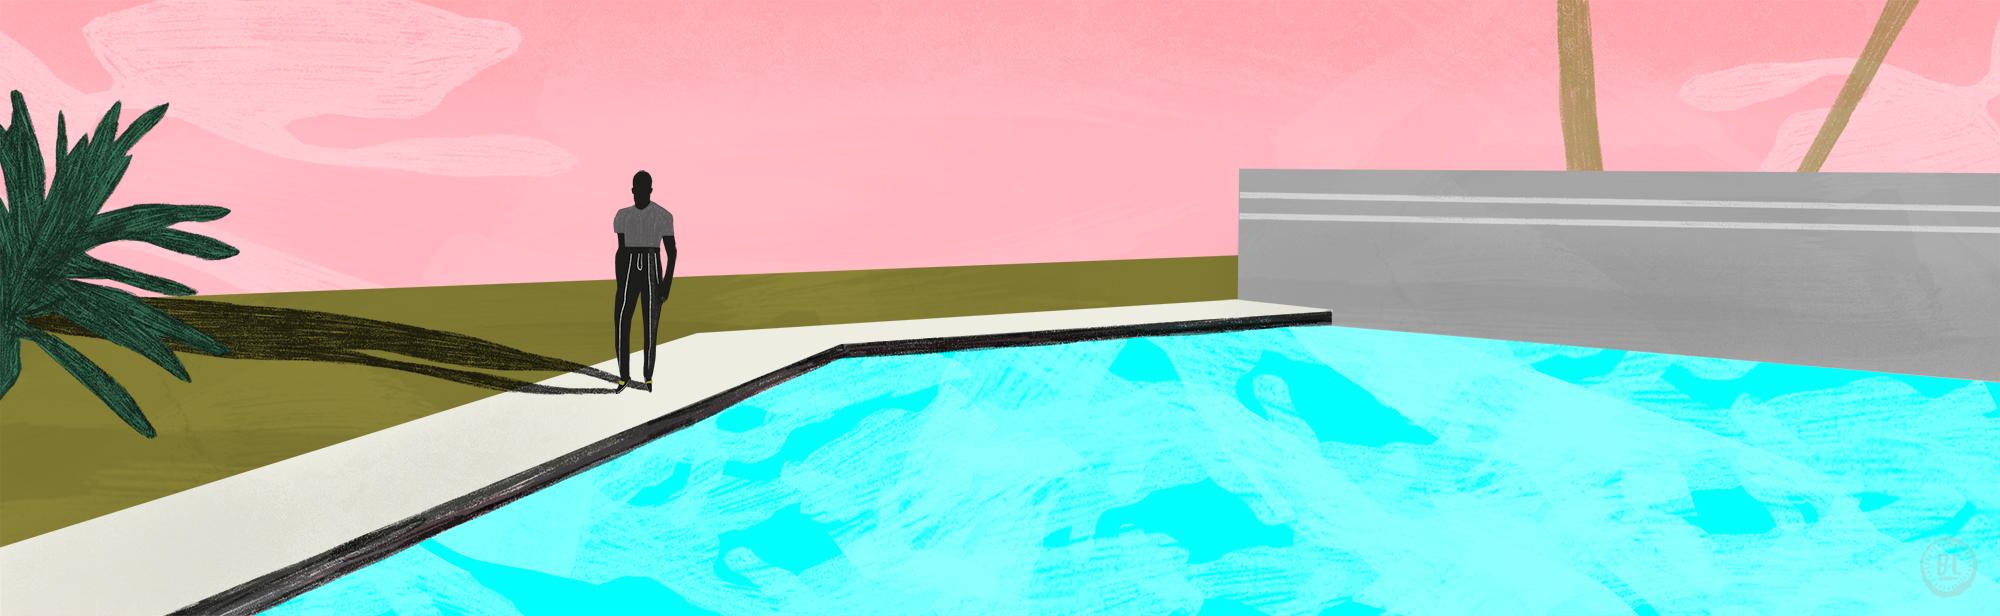 poolside.jpg